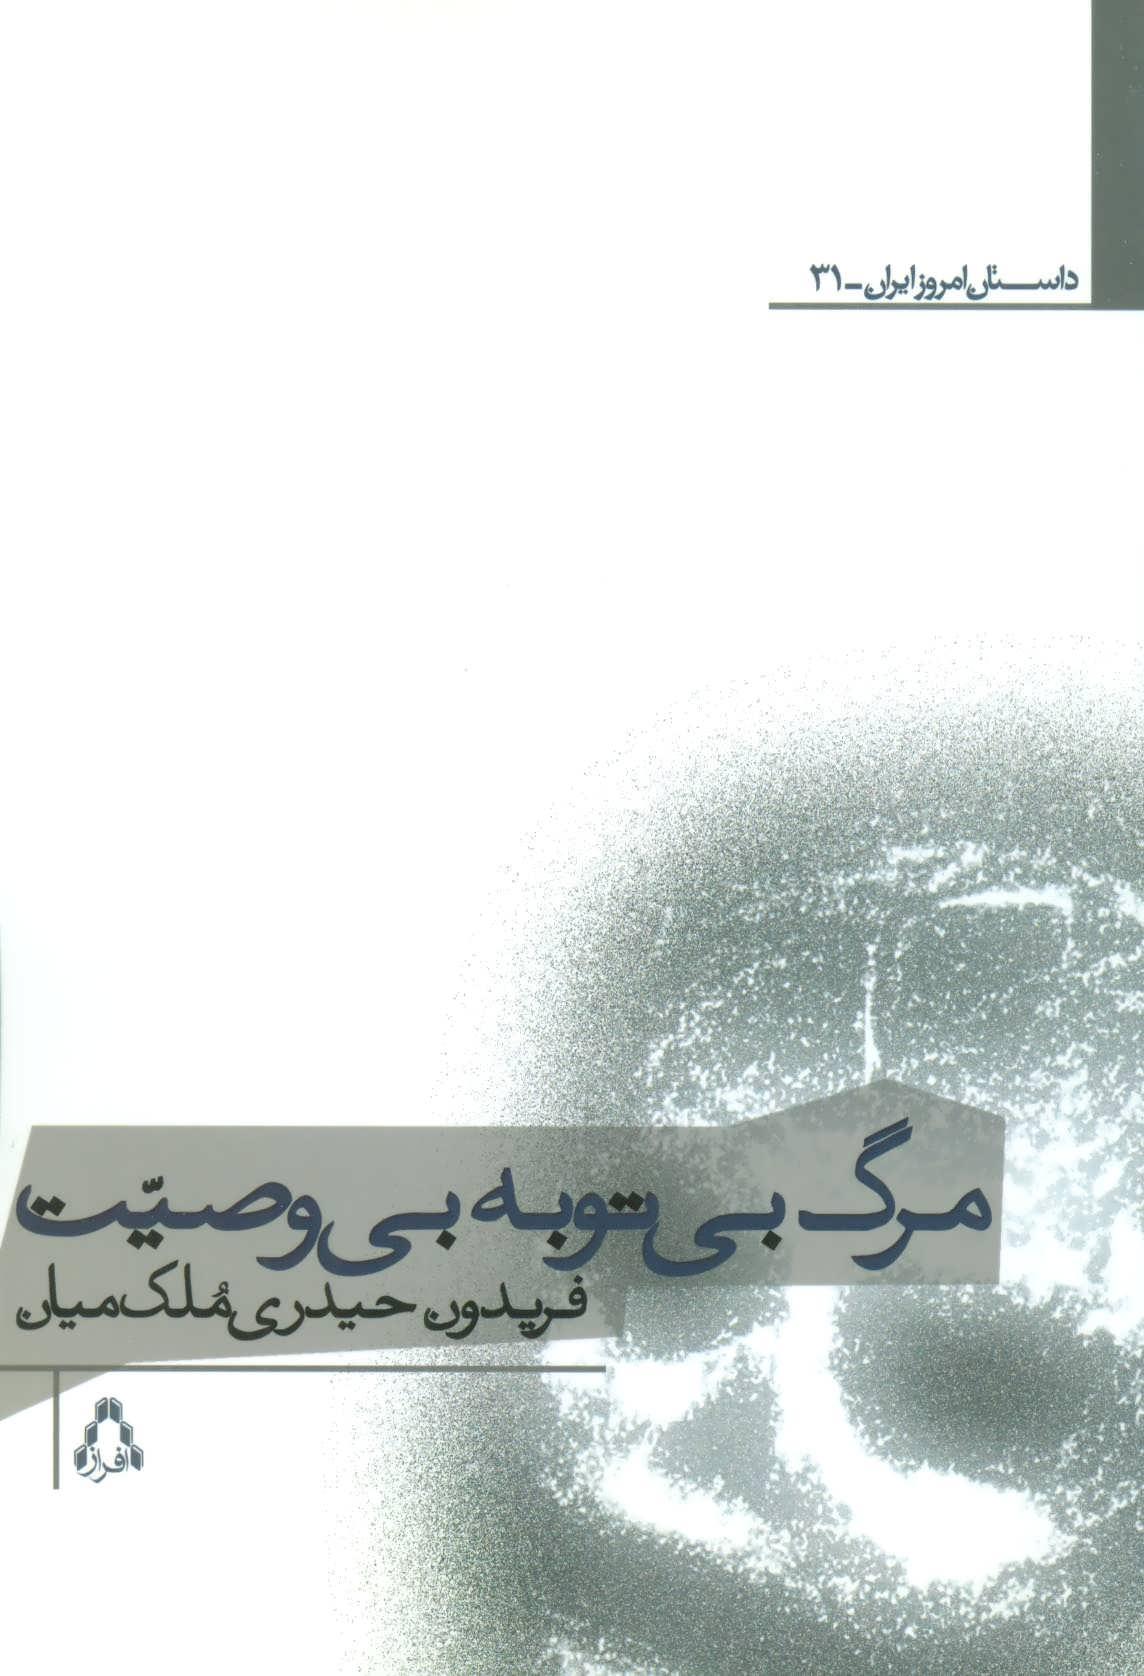 مرگ بی توبه بی وصیت (داستان امروز ایران31)